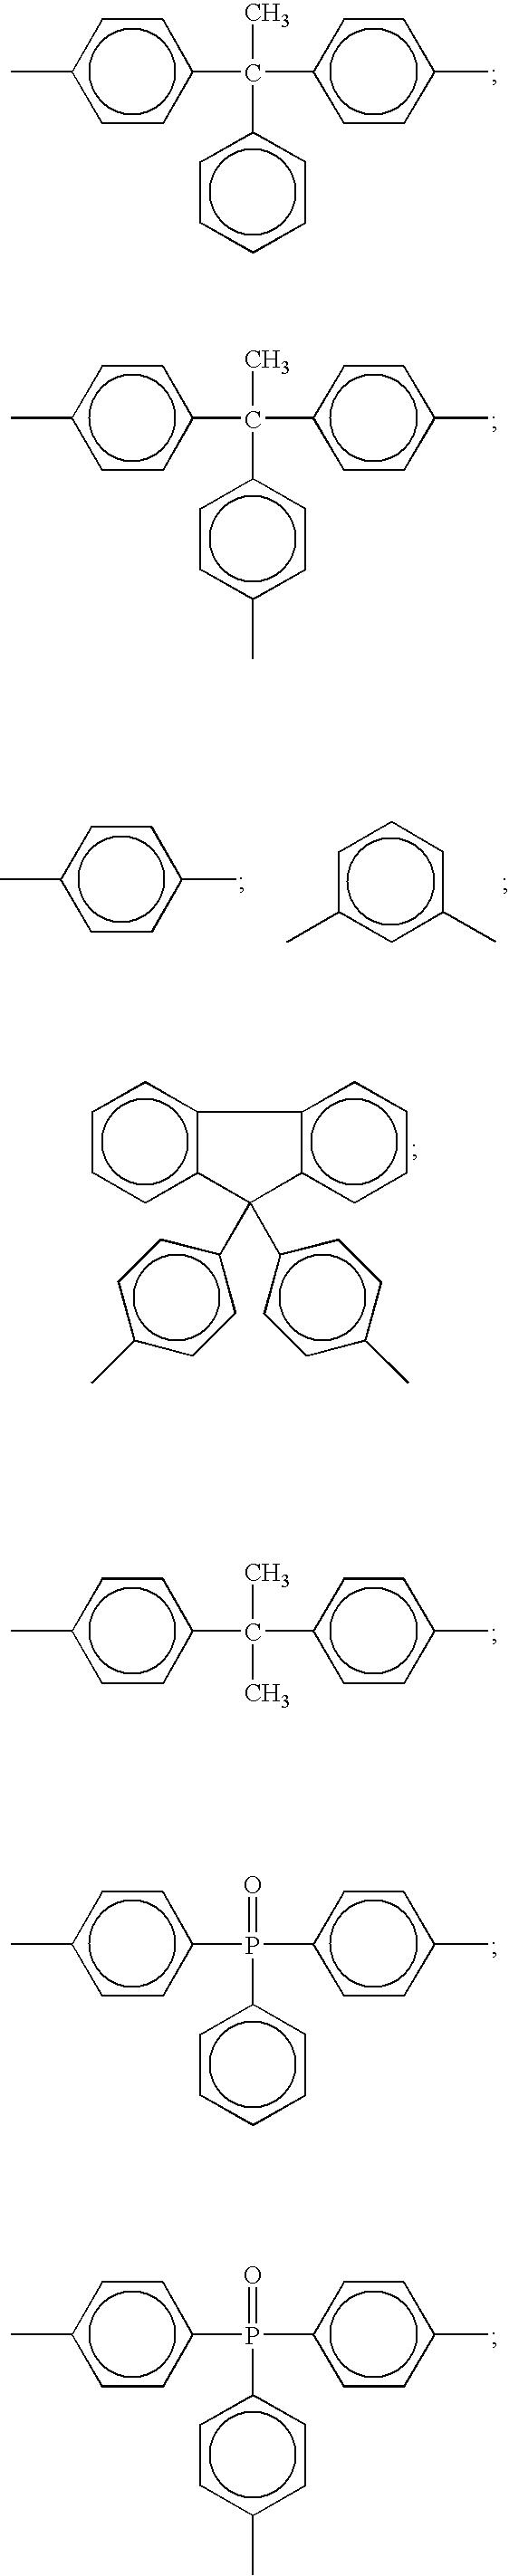 Figure US20070099054A1-20070503-C00003